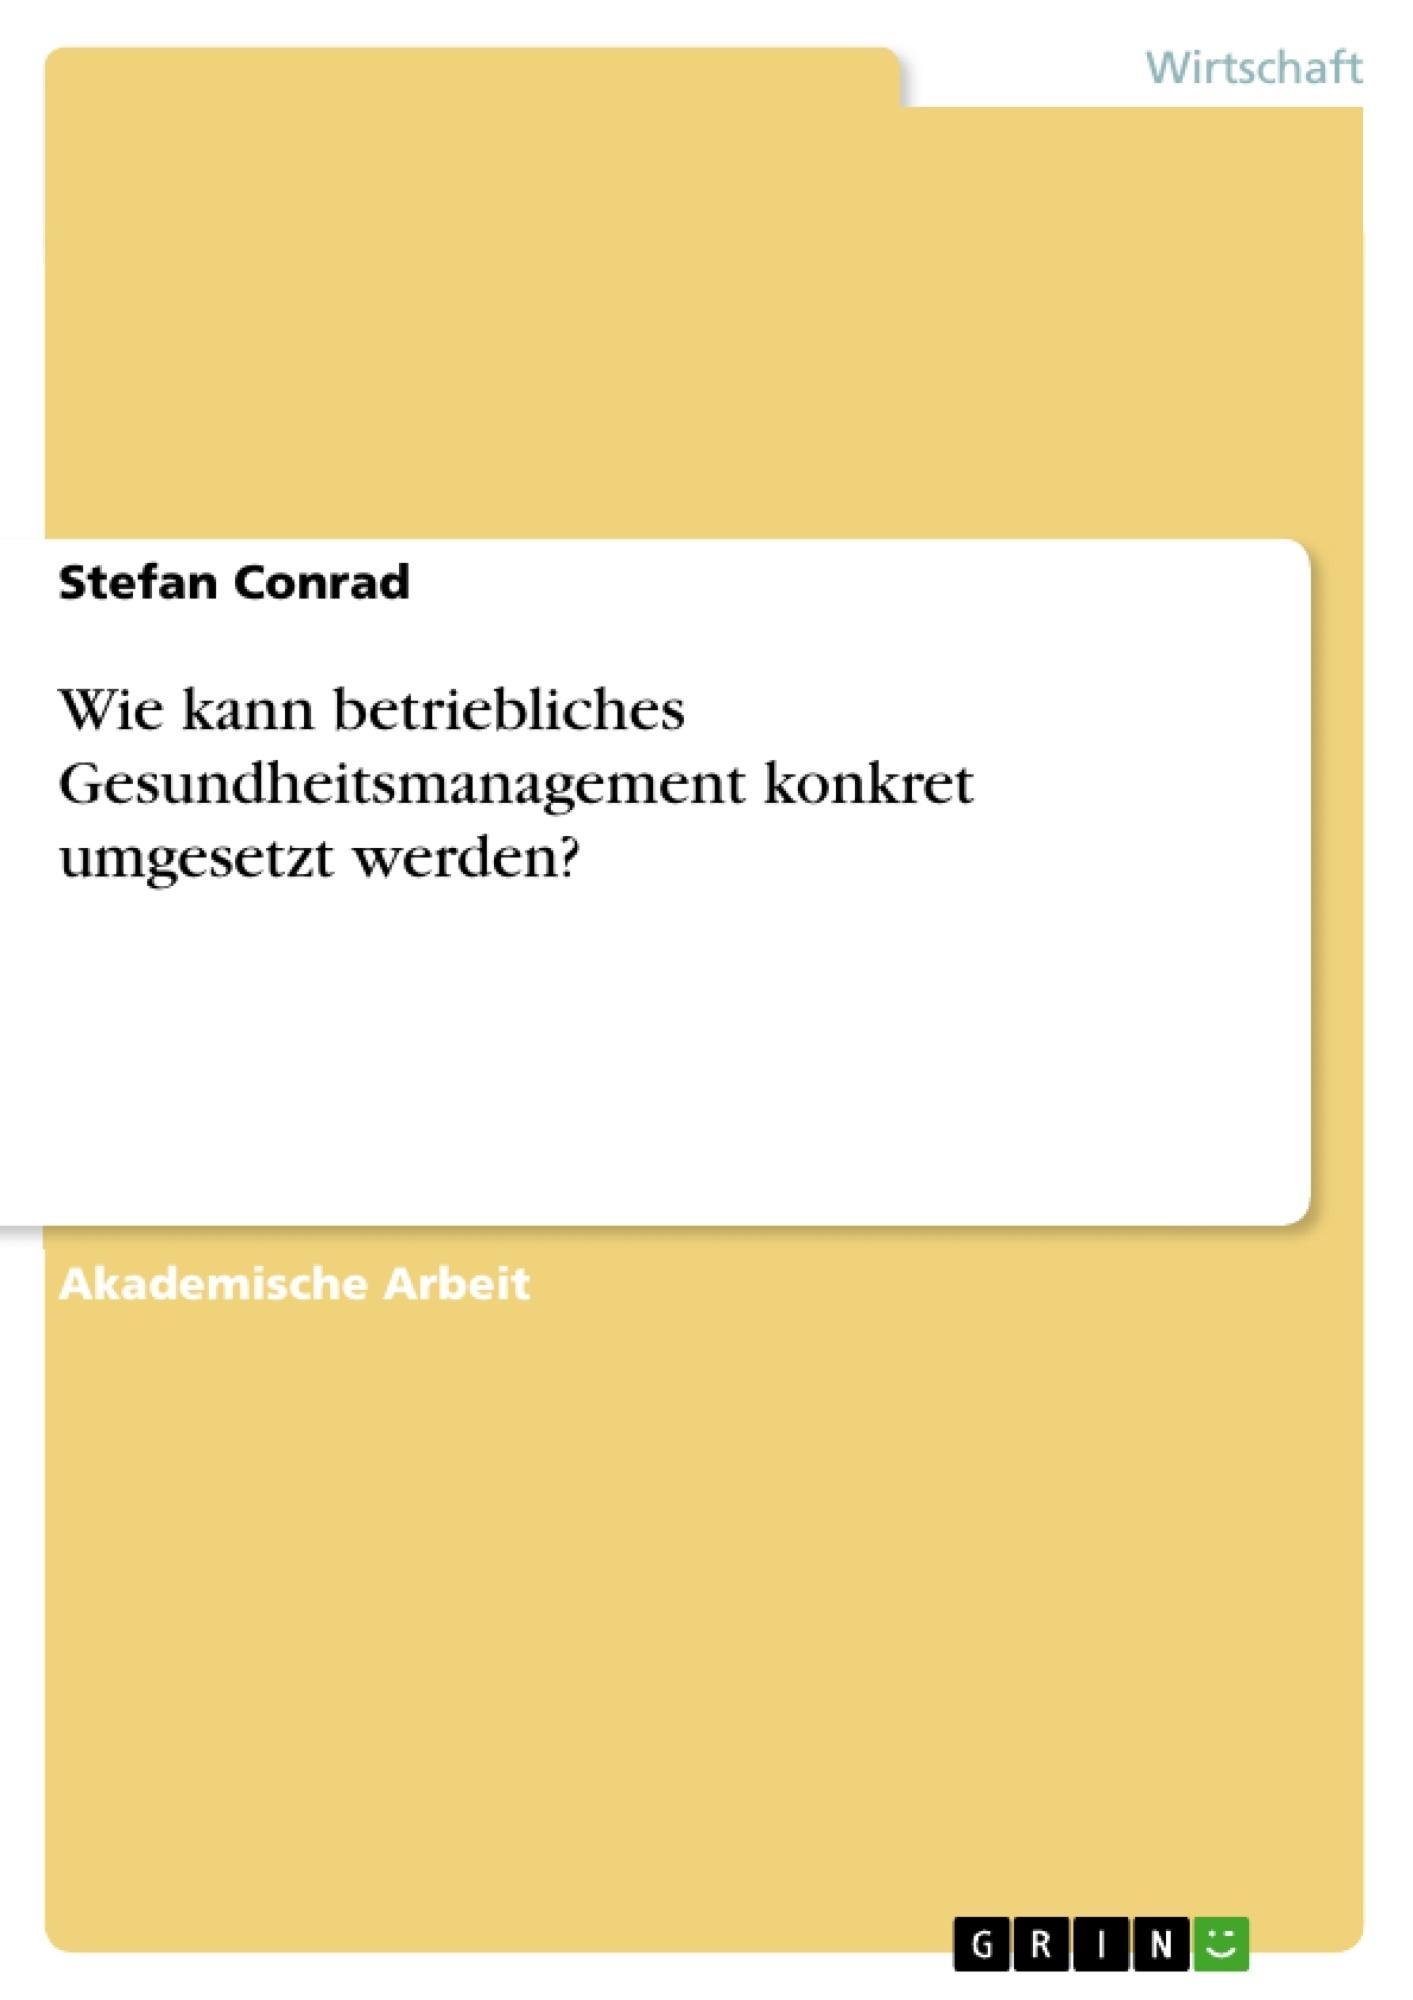 Titel: Wie kann betriebliches Gesundheitsmanagement konkret umgesetzt werden?